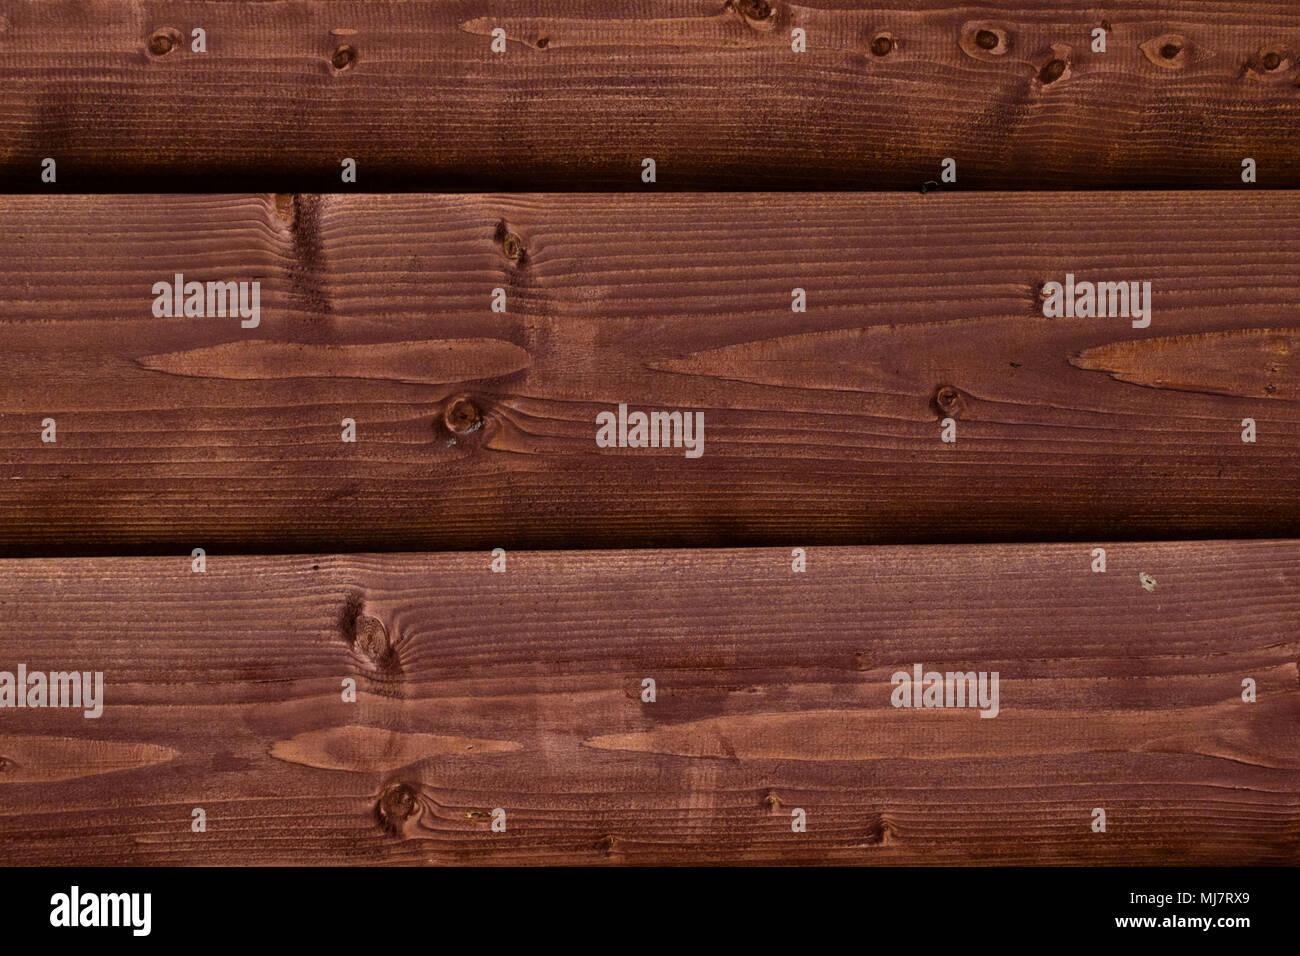 Naturale degli interni in legno con pannelli a muro texture di